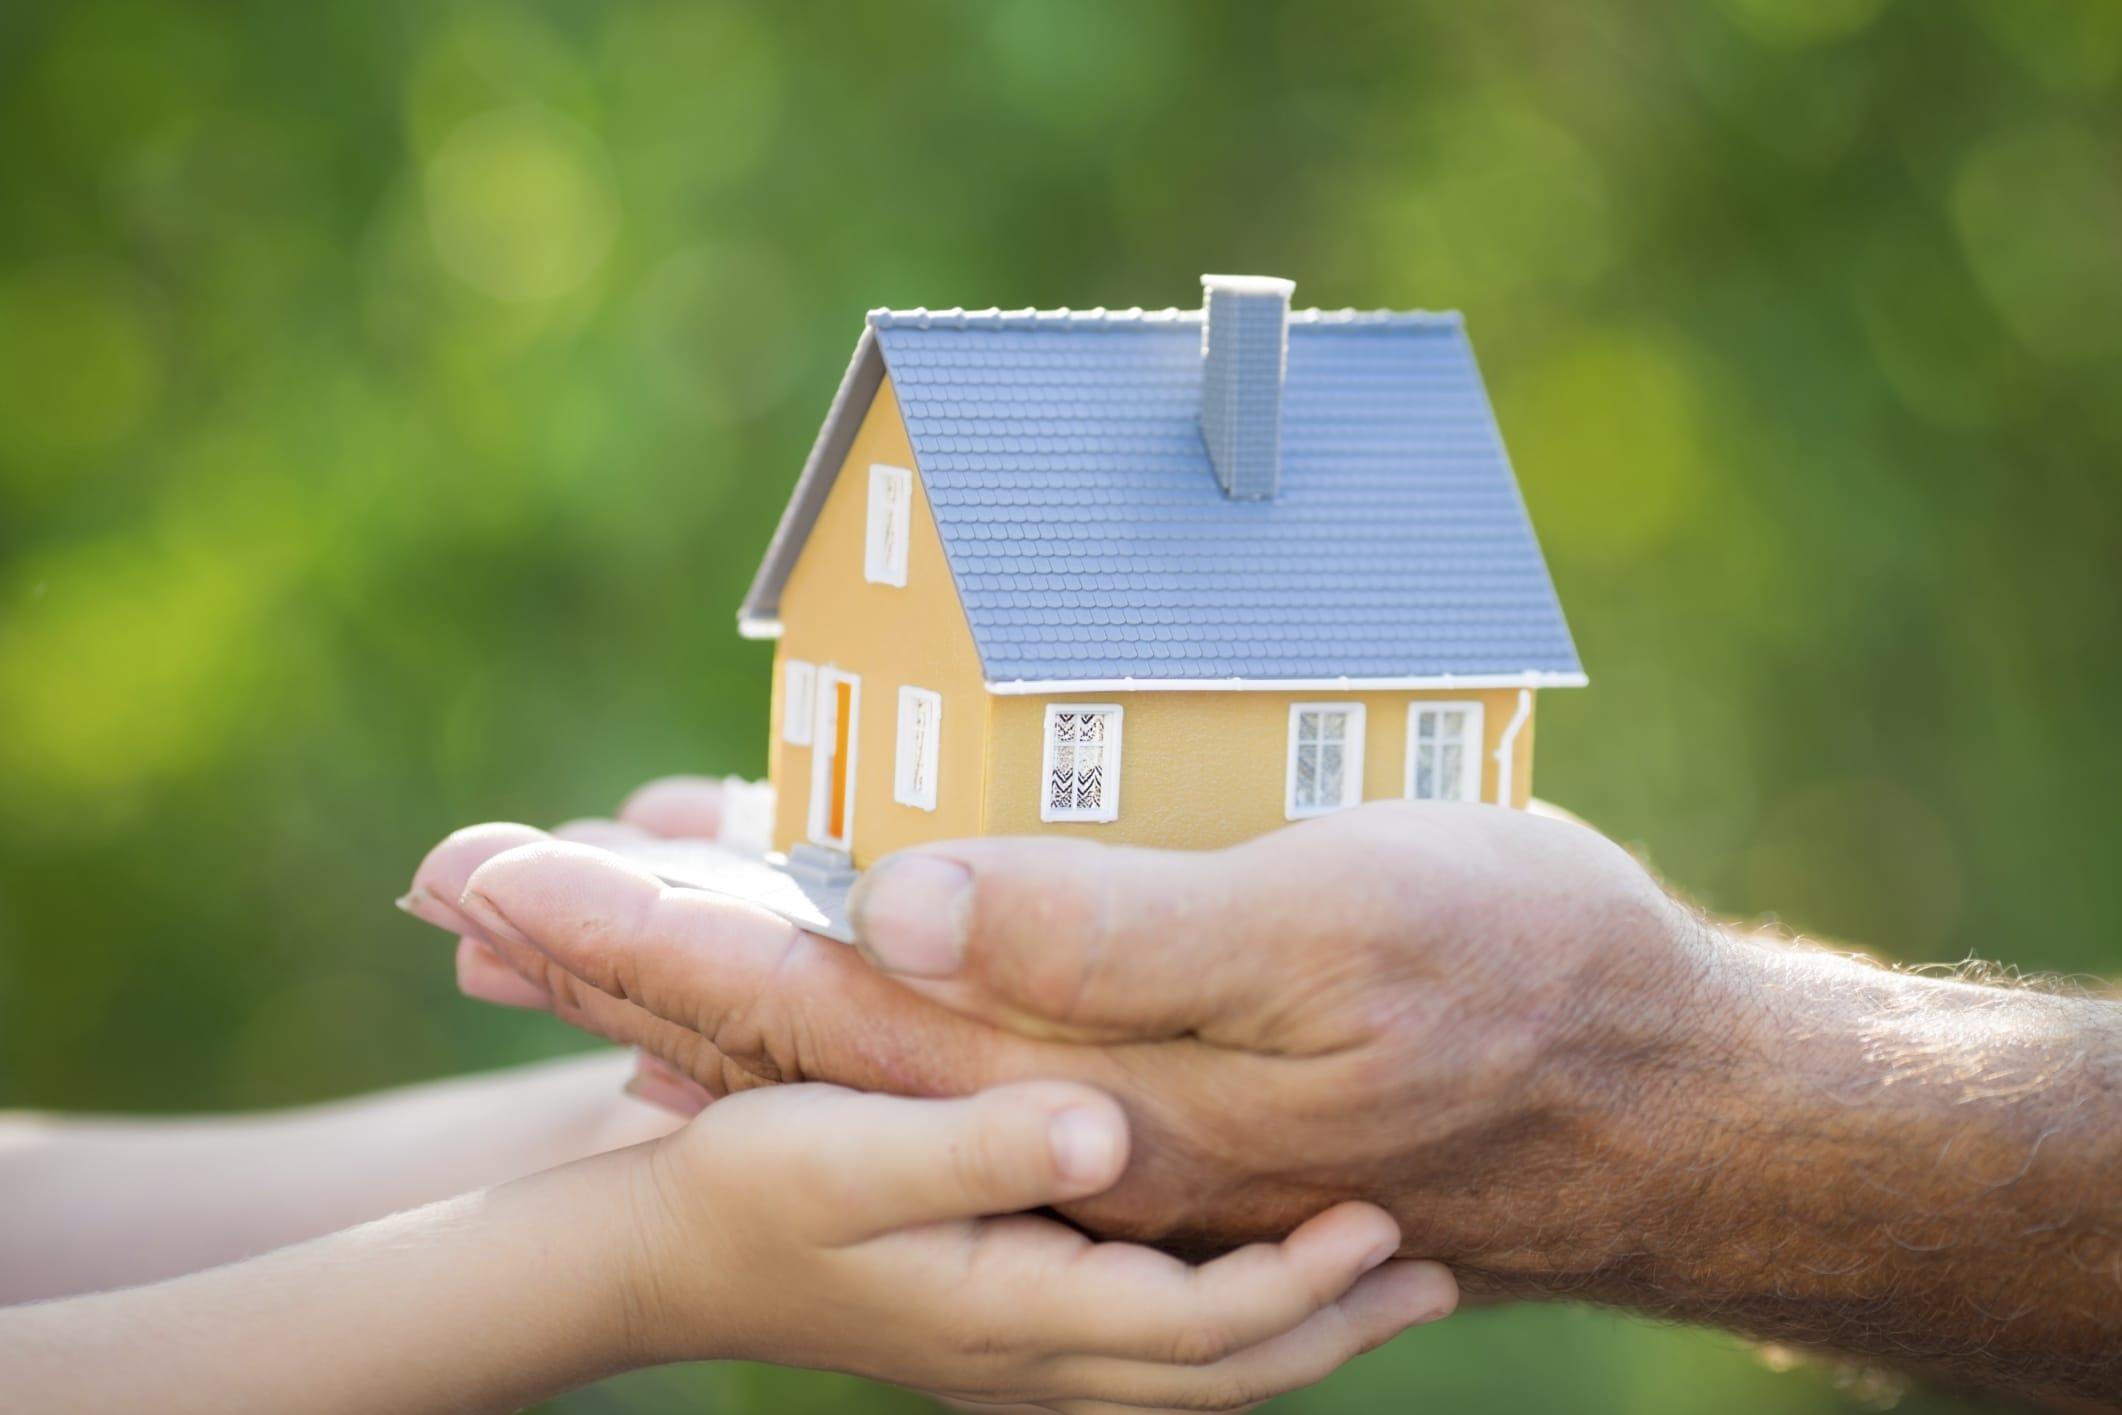 Housing sociale Bologna: il progetto per offrire una casa ai senzatetto